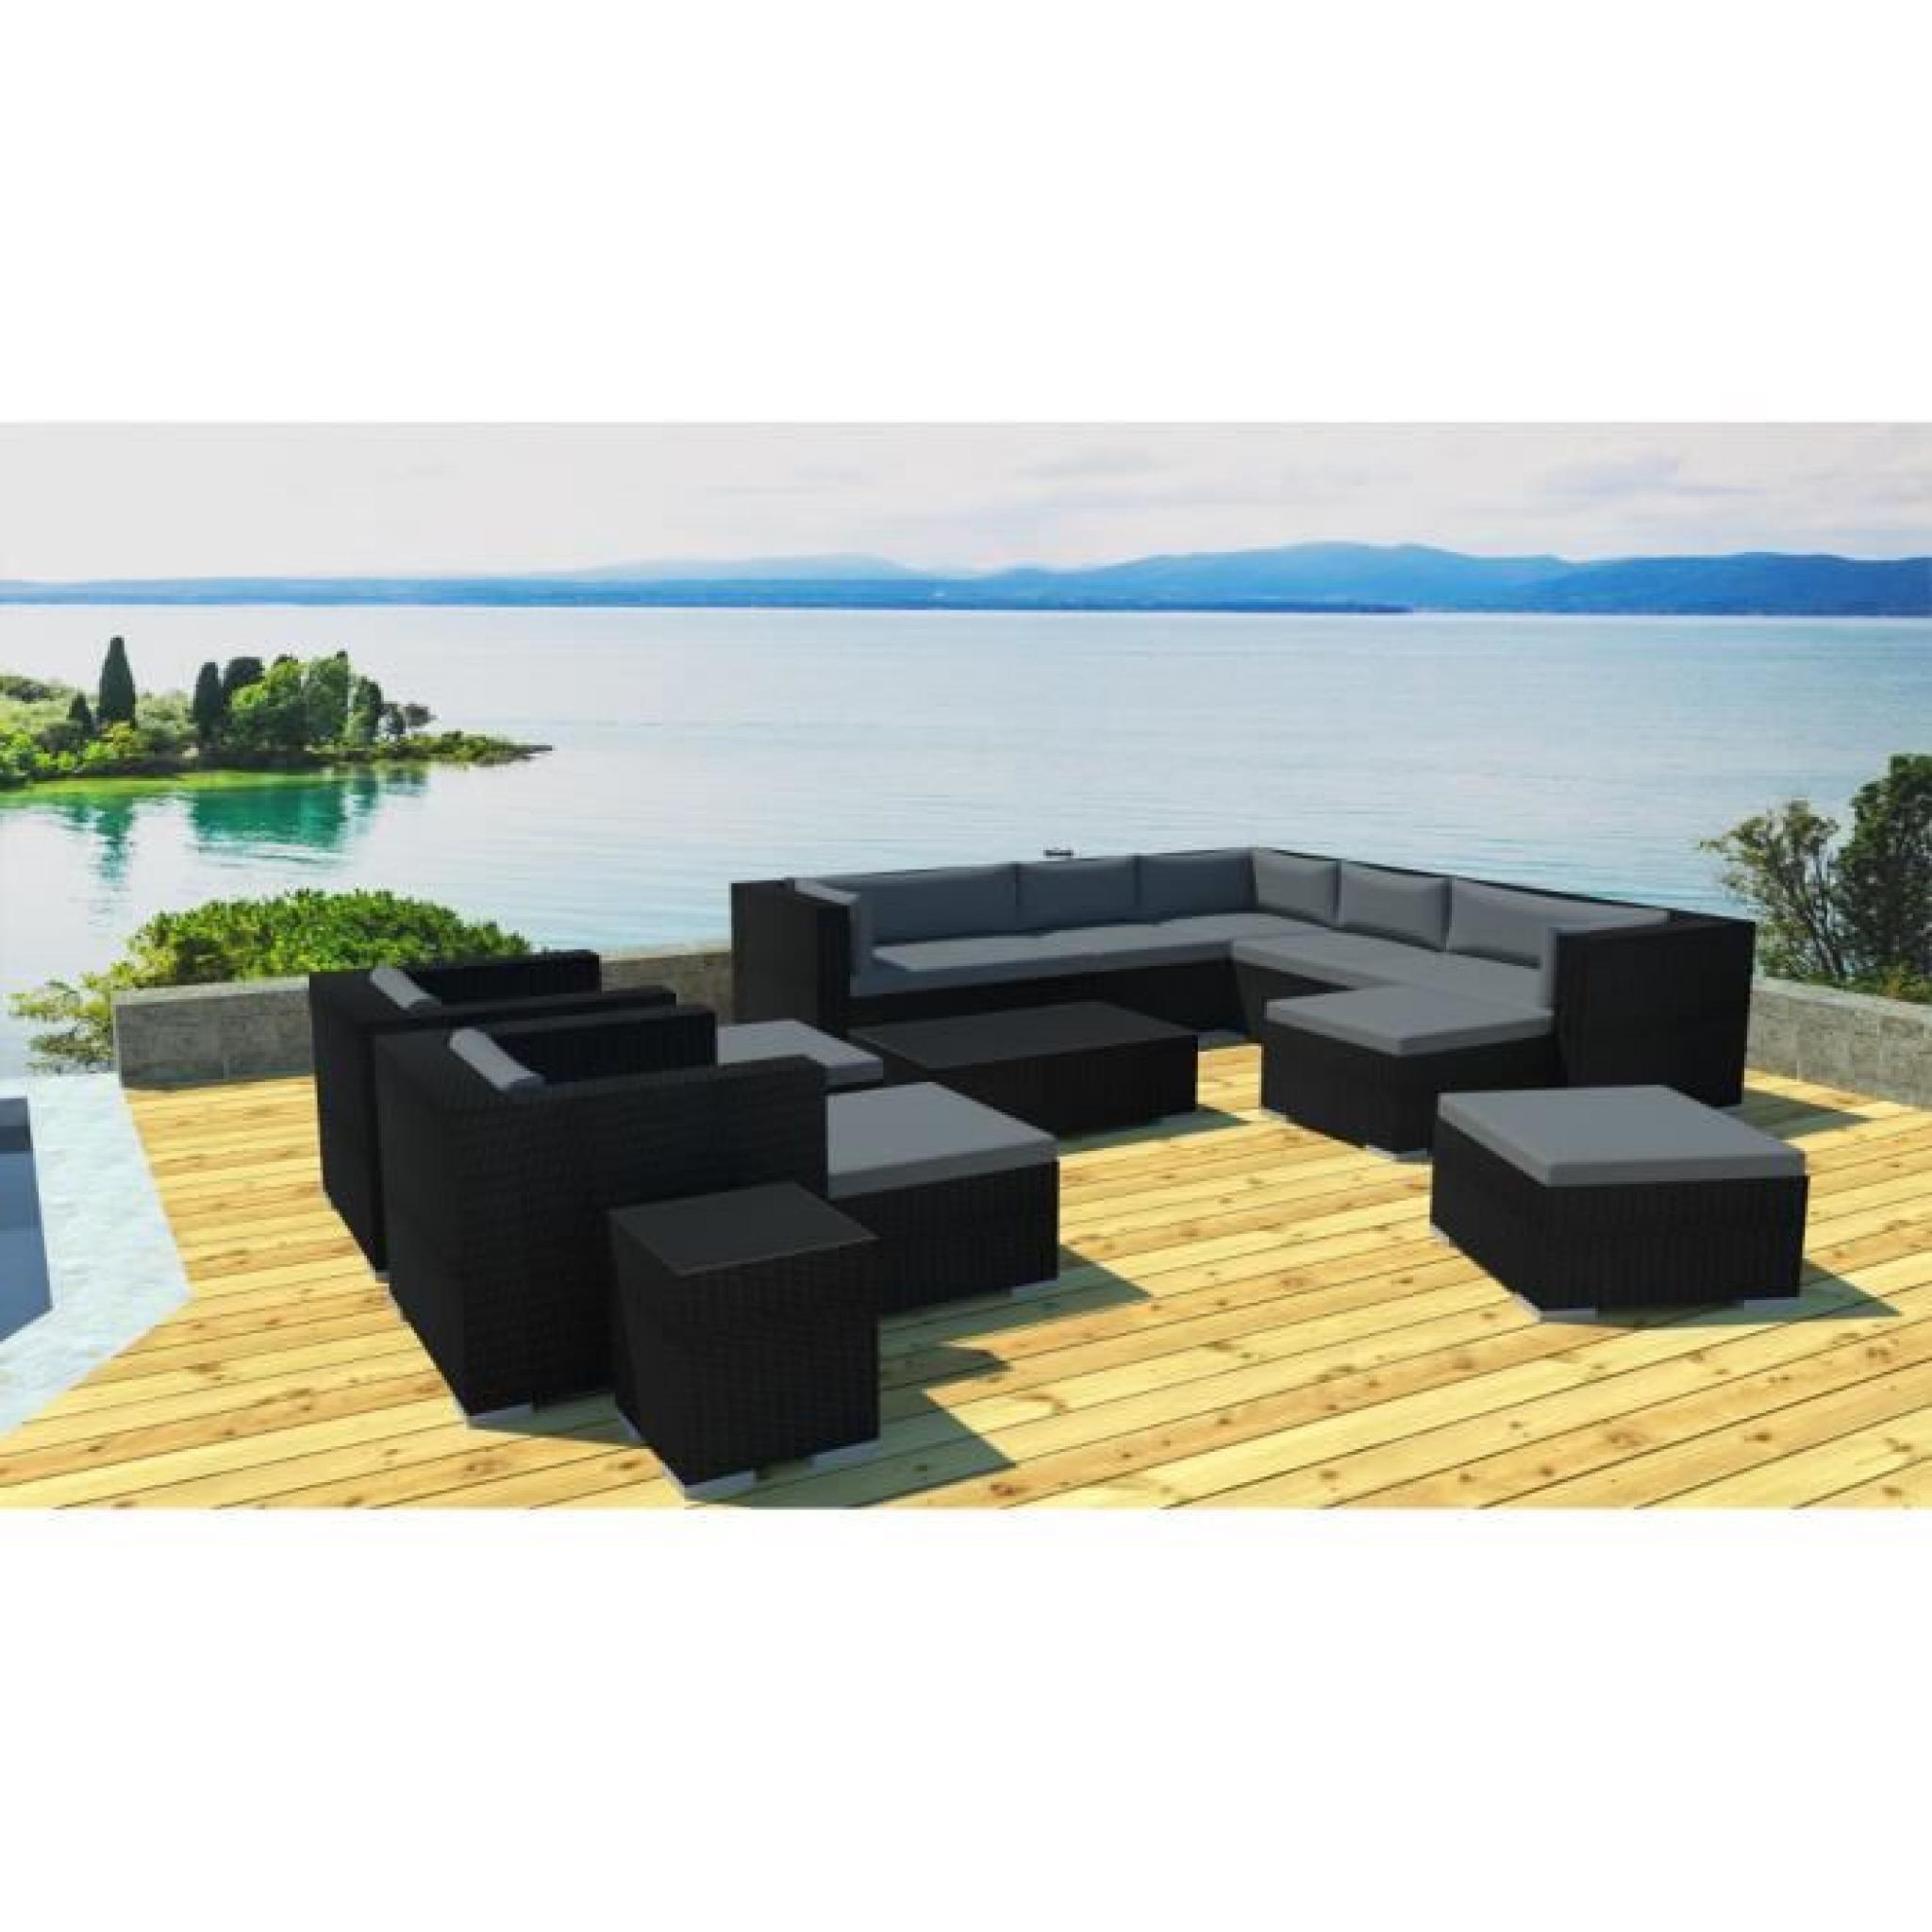 Grand salon jardin modulable en résine Noir/gris - Achat/Vente salon ...